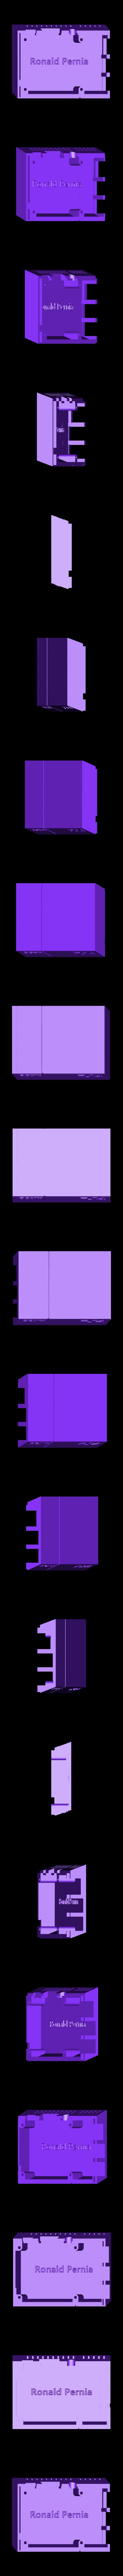 ps4 parte arriba.stl Télécharger fichier STL gratuit framboise PS4 • Objet à imprimer en 3D, radeon